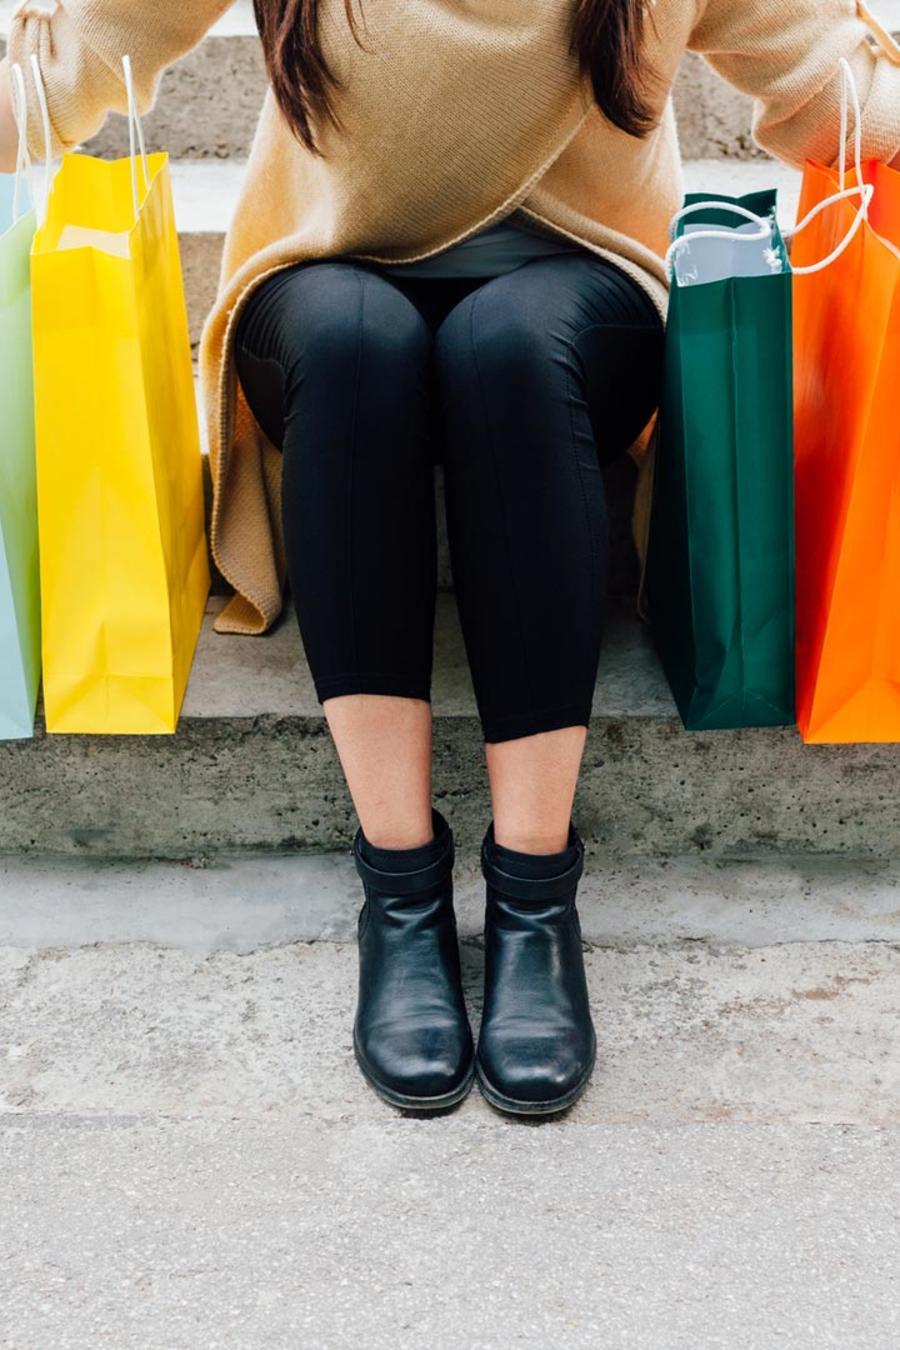 Mujer con bolsas de compras